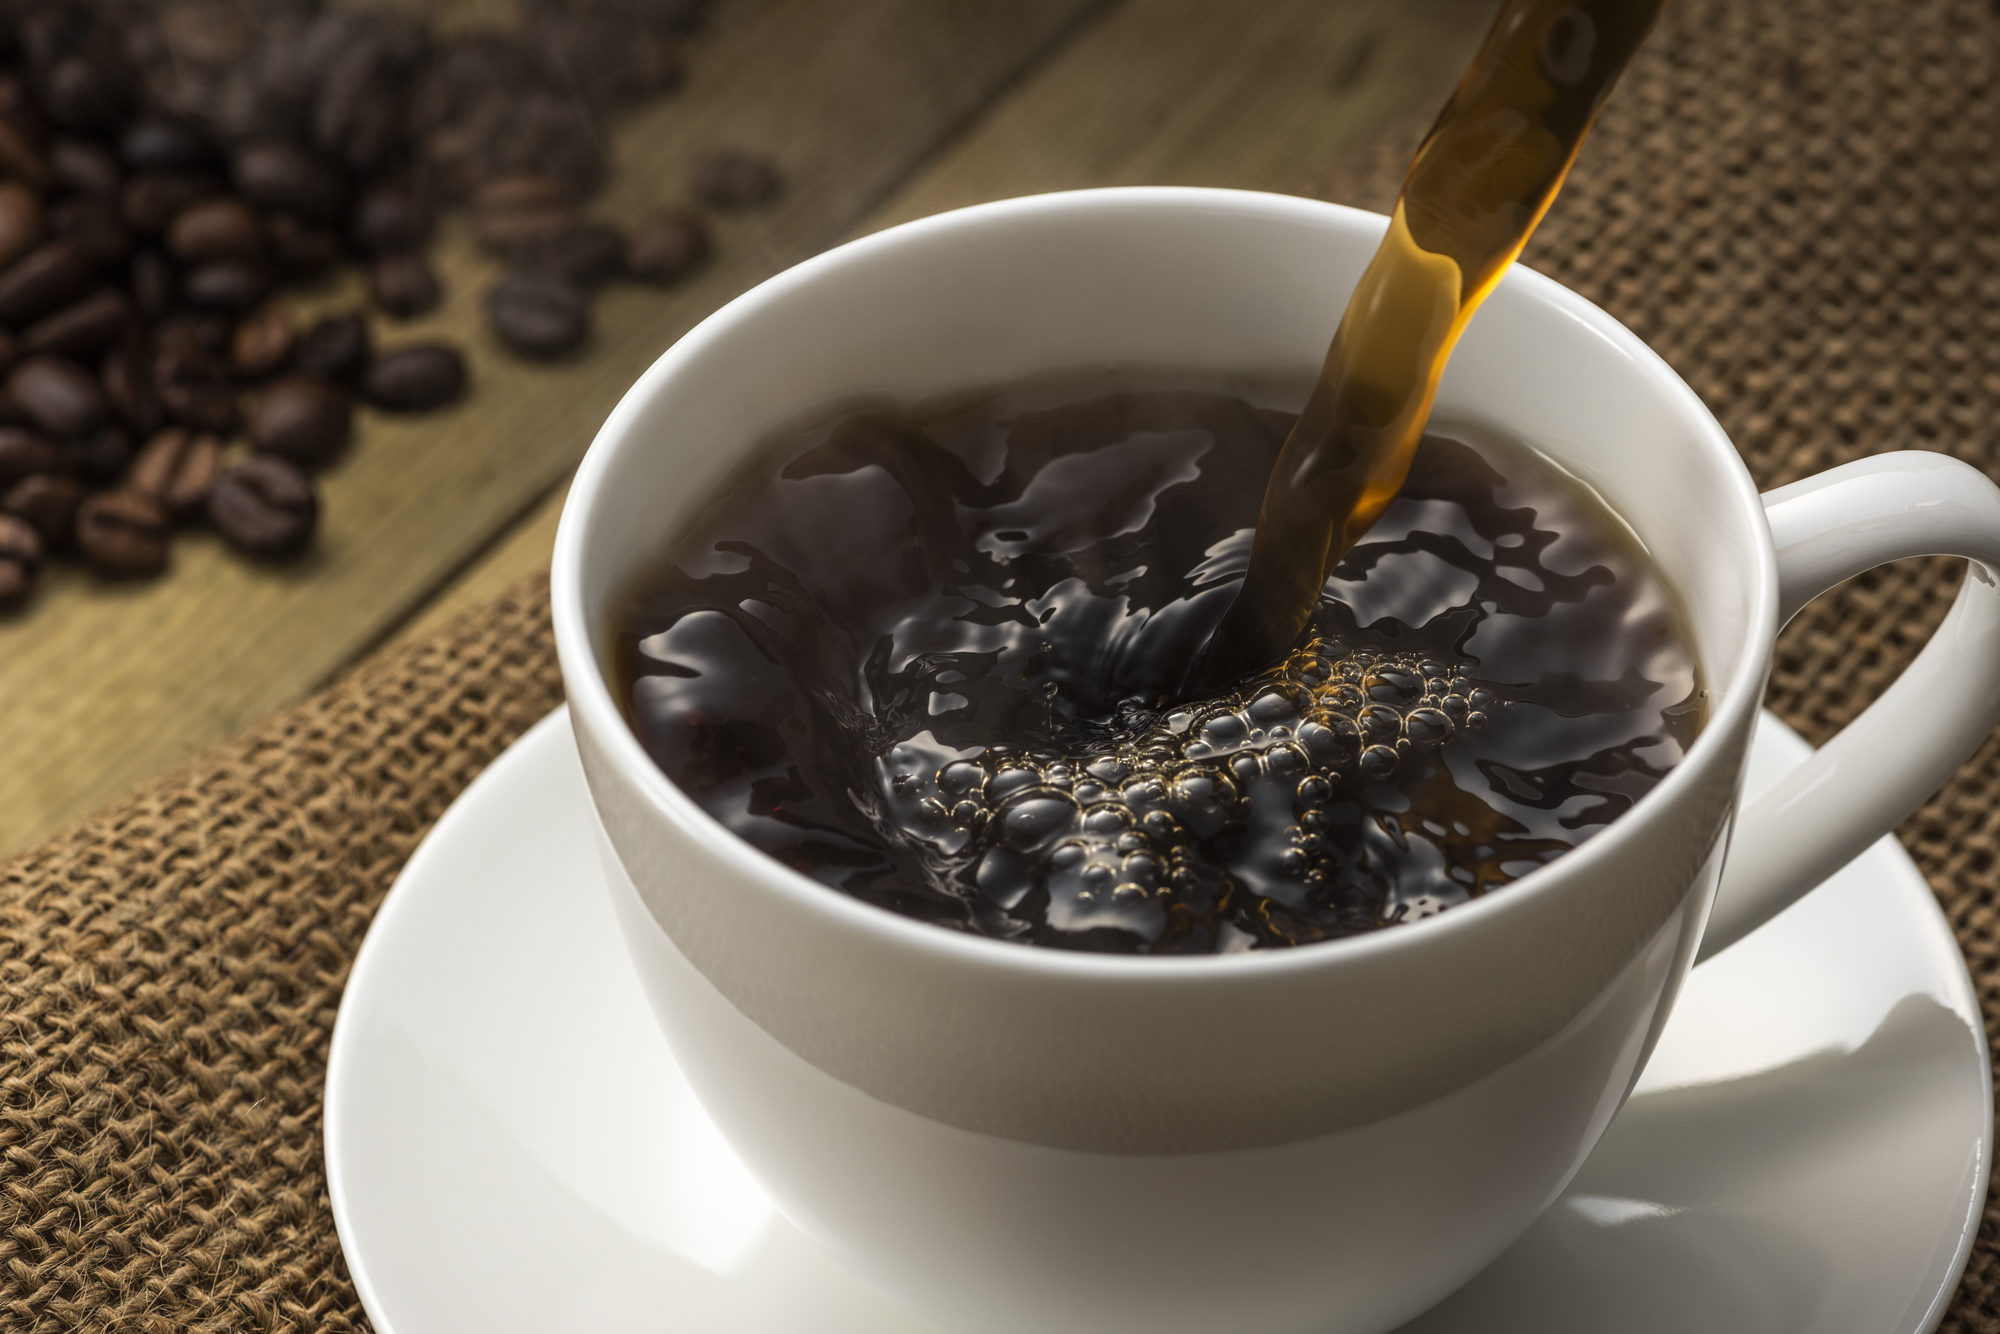 「究極のコーヒー」を自宅で淹れるには? 世界一のバリスタが伝授